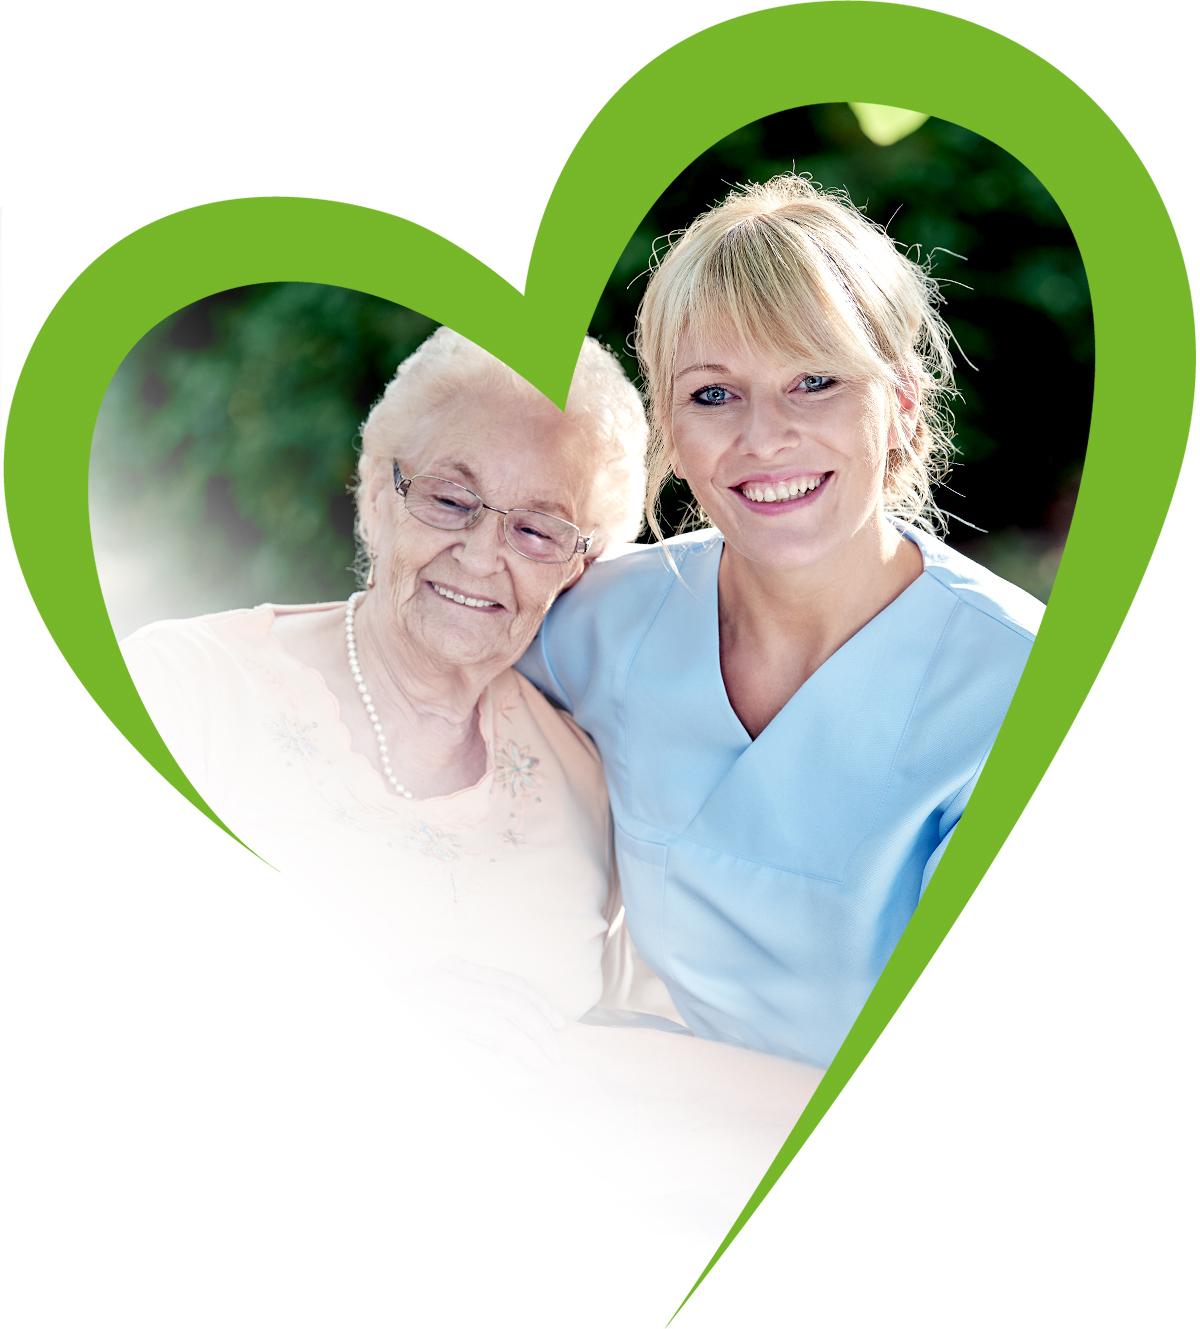 Pflegedienst Langenzenn -Verhinderungspflege Langenzenn, Pflege Veitsbronn / Langenzenn